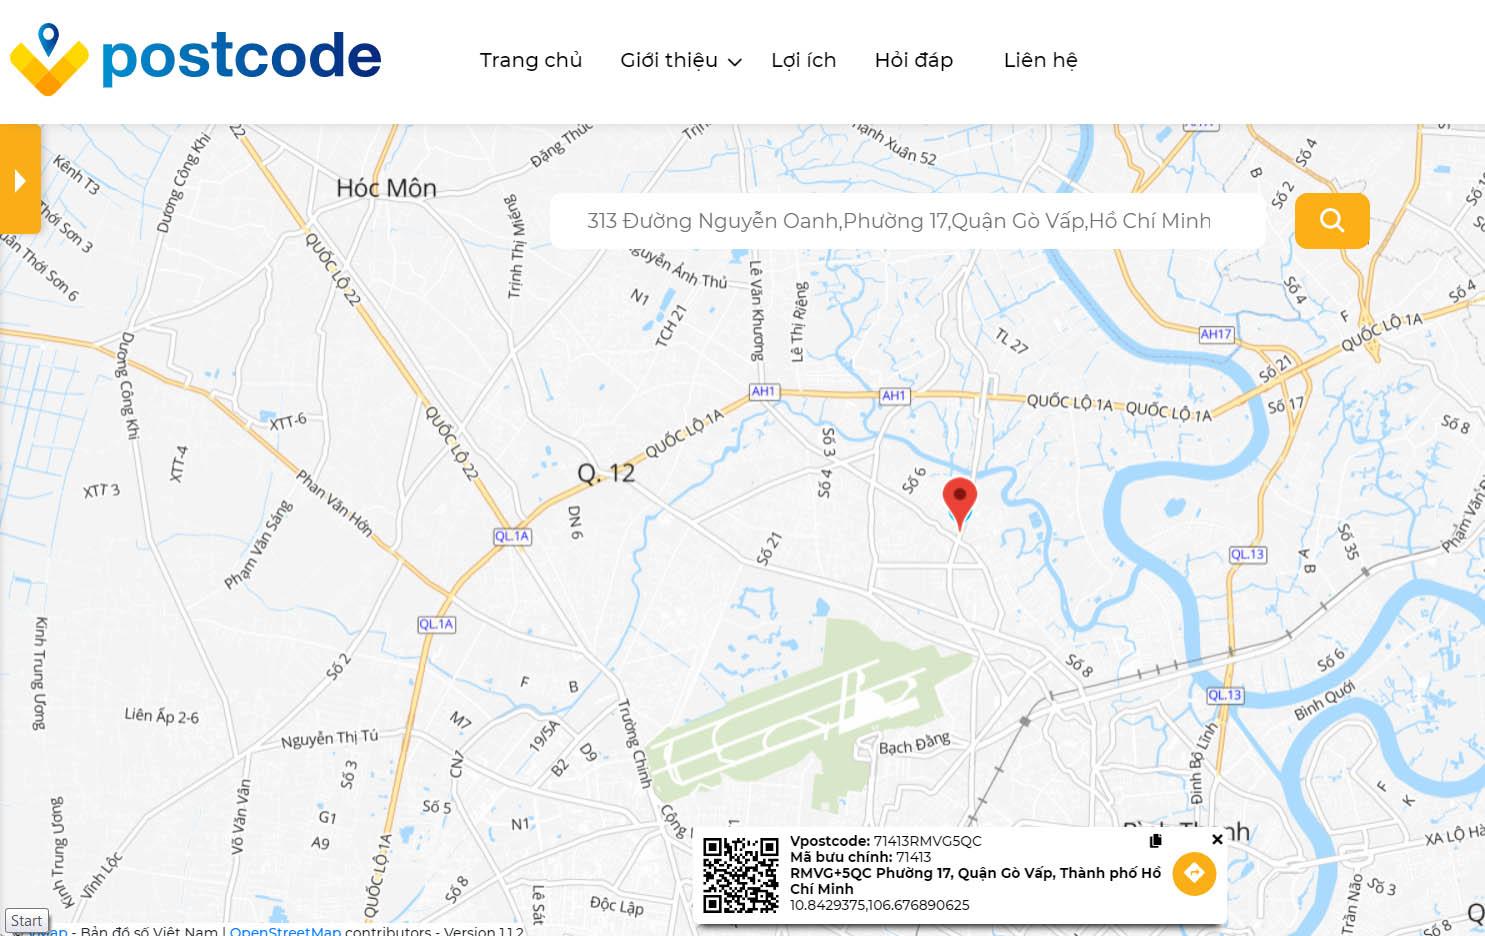 Hướng dẫn cách tra cứu mã bưu chính - tra mã bưu điện bằng vpostcode